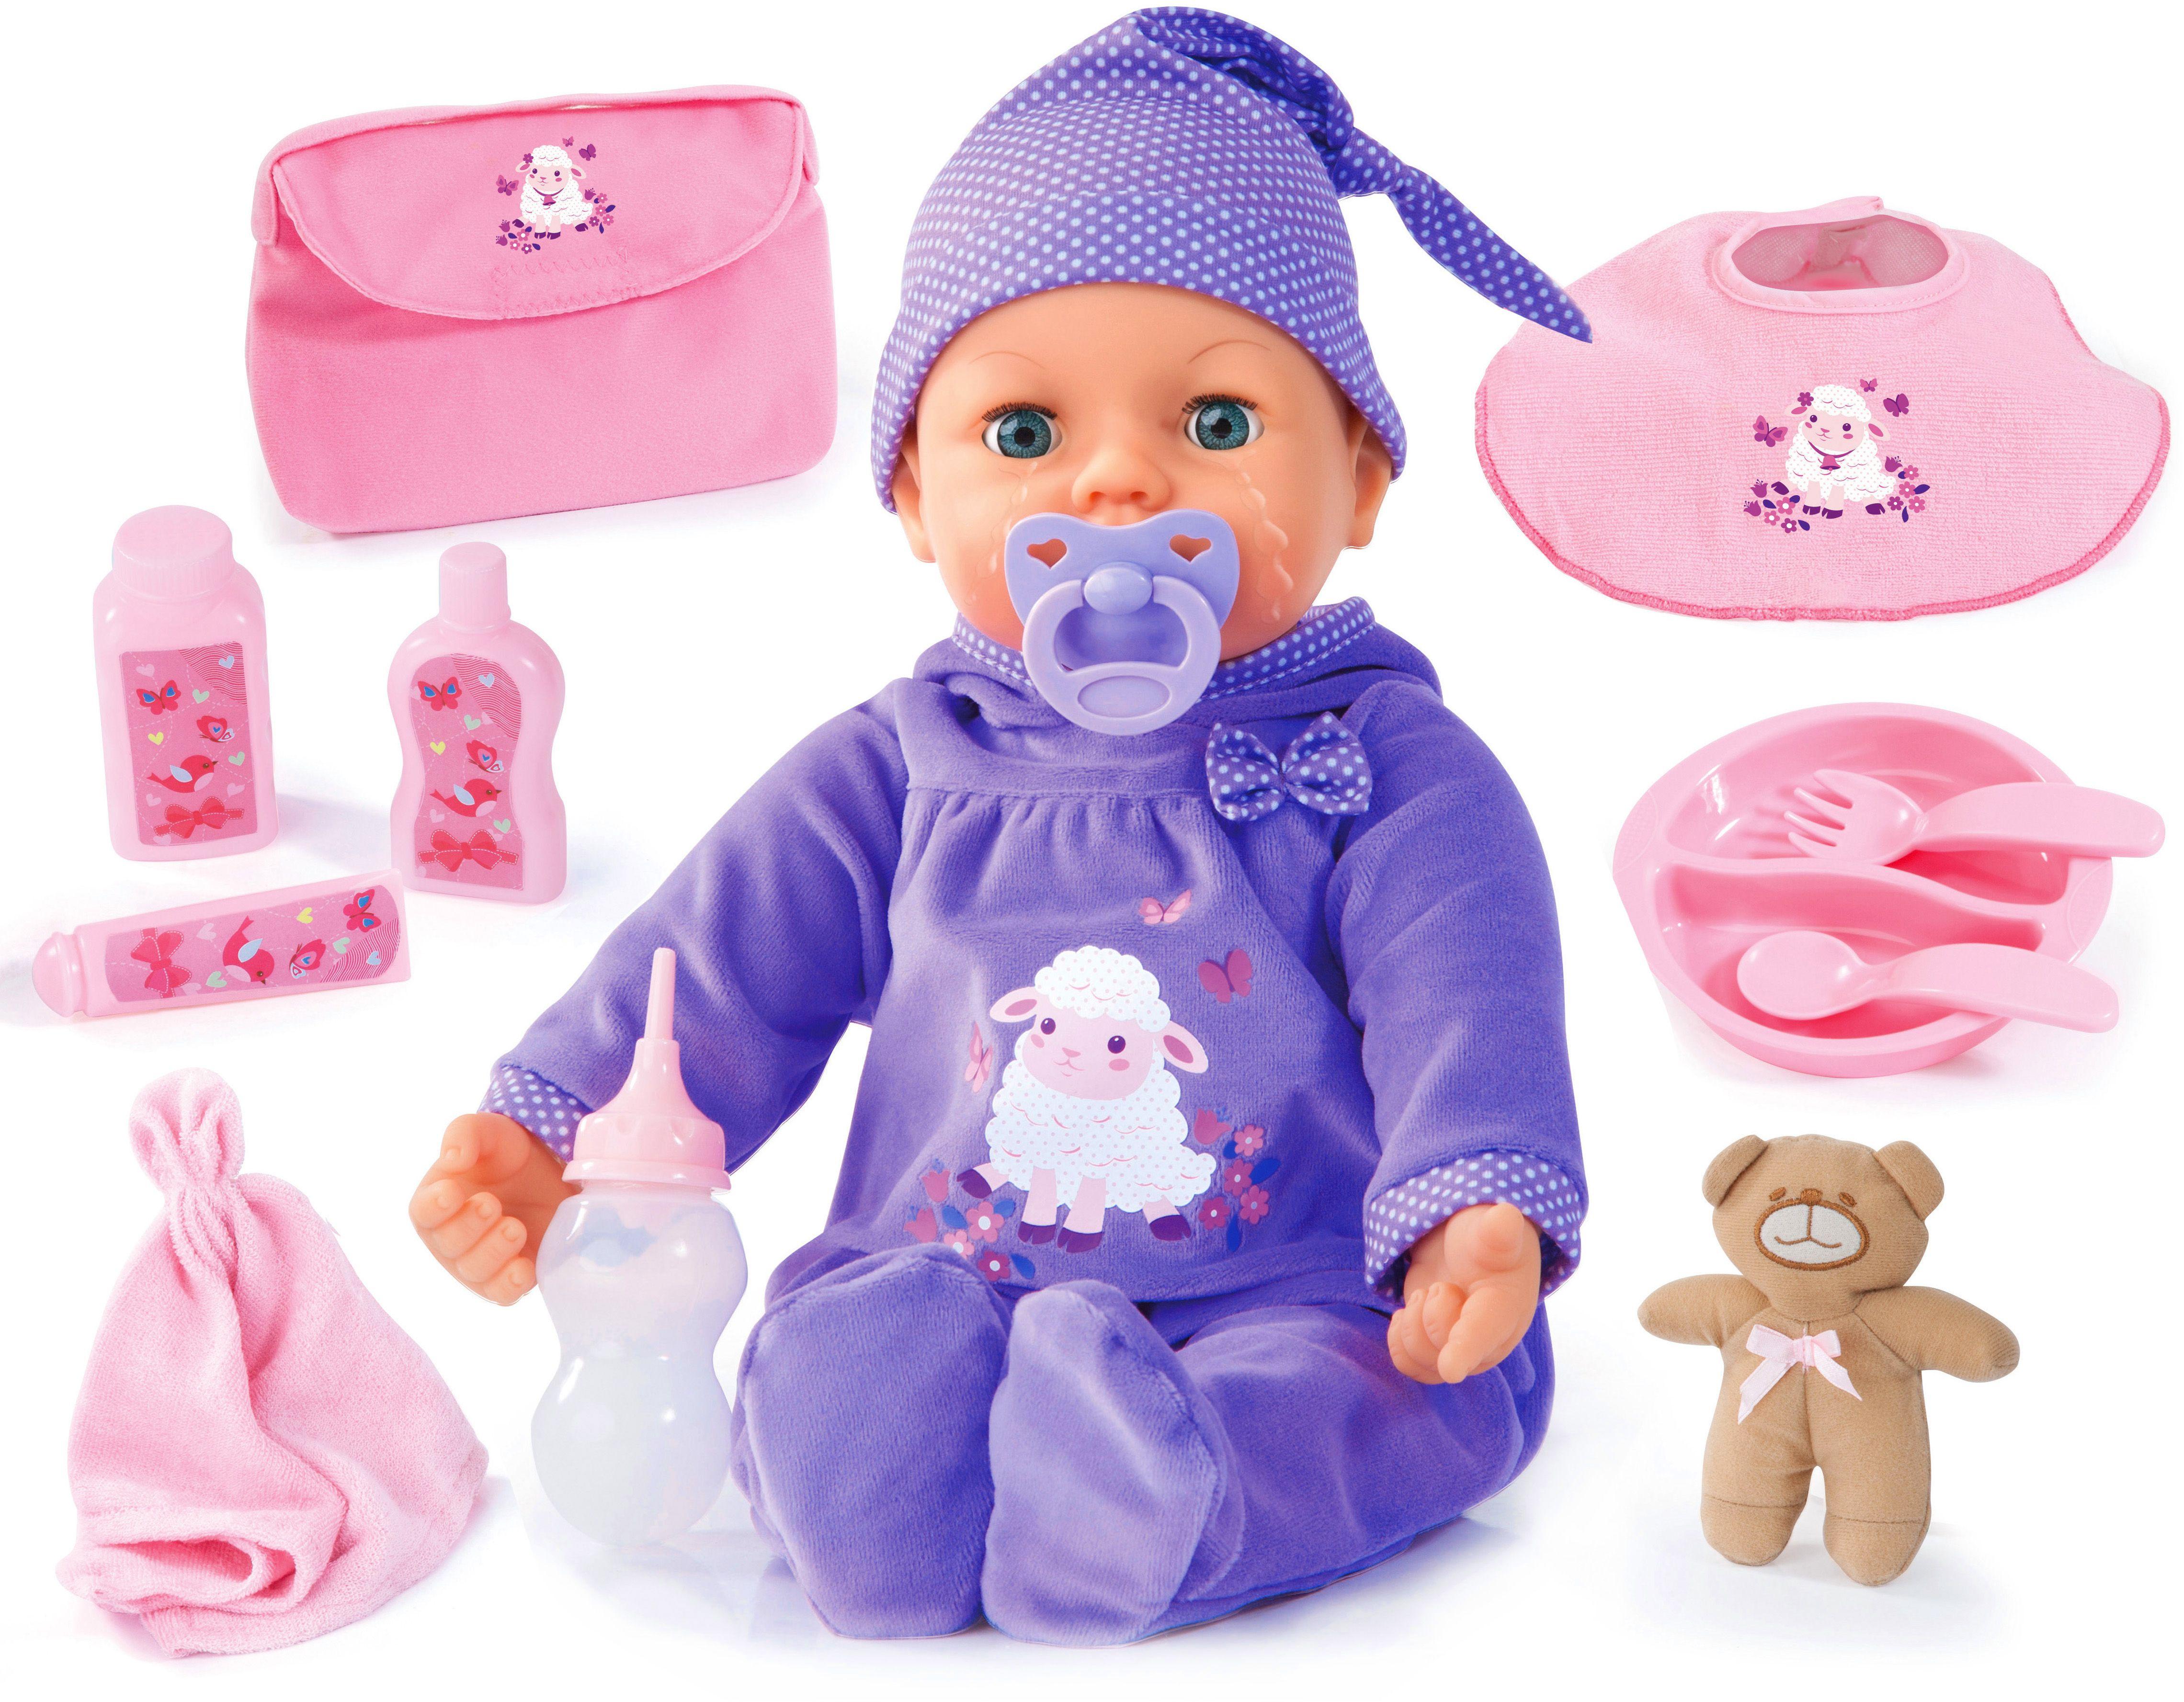 Bayer Design Игровой набор с куклой Пикколина с настоящими слезами 46 см - Куклы и аксессуары